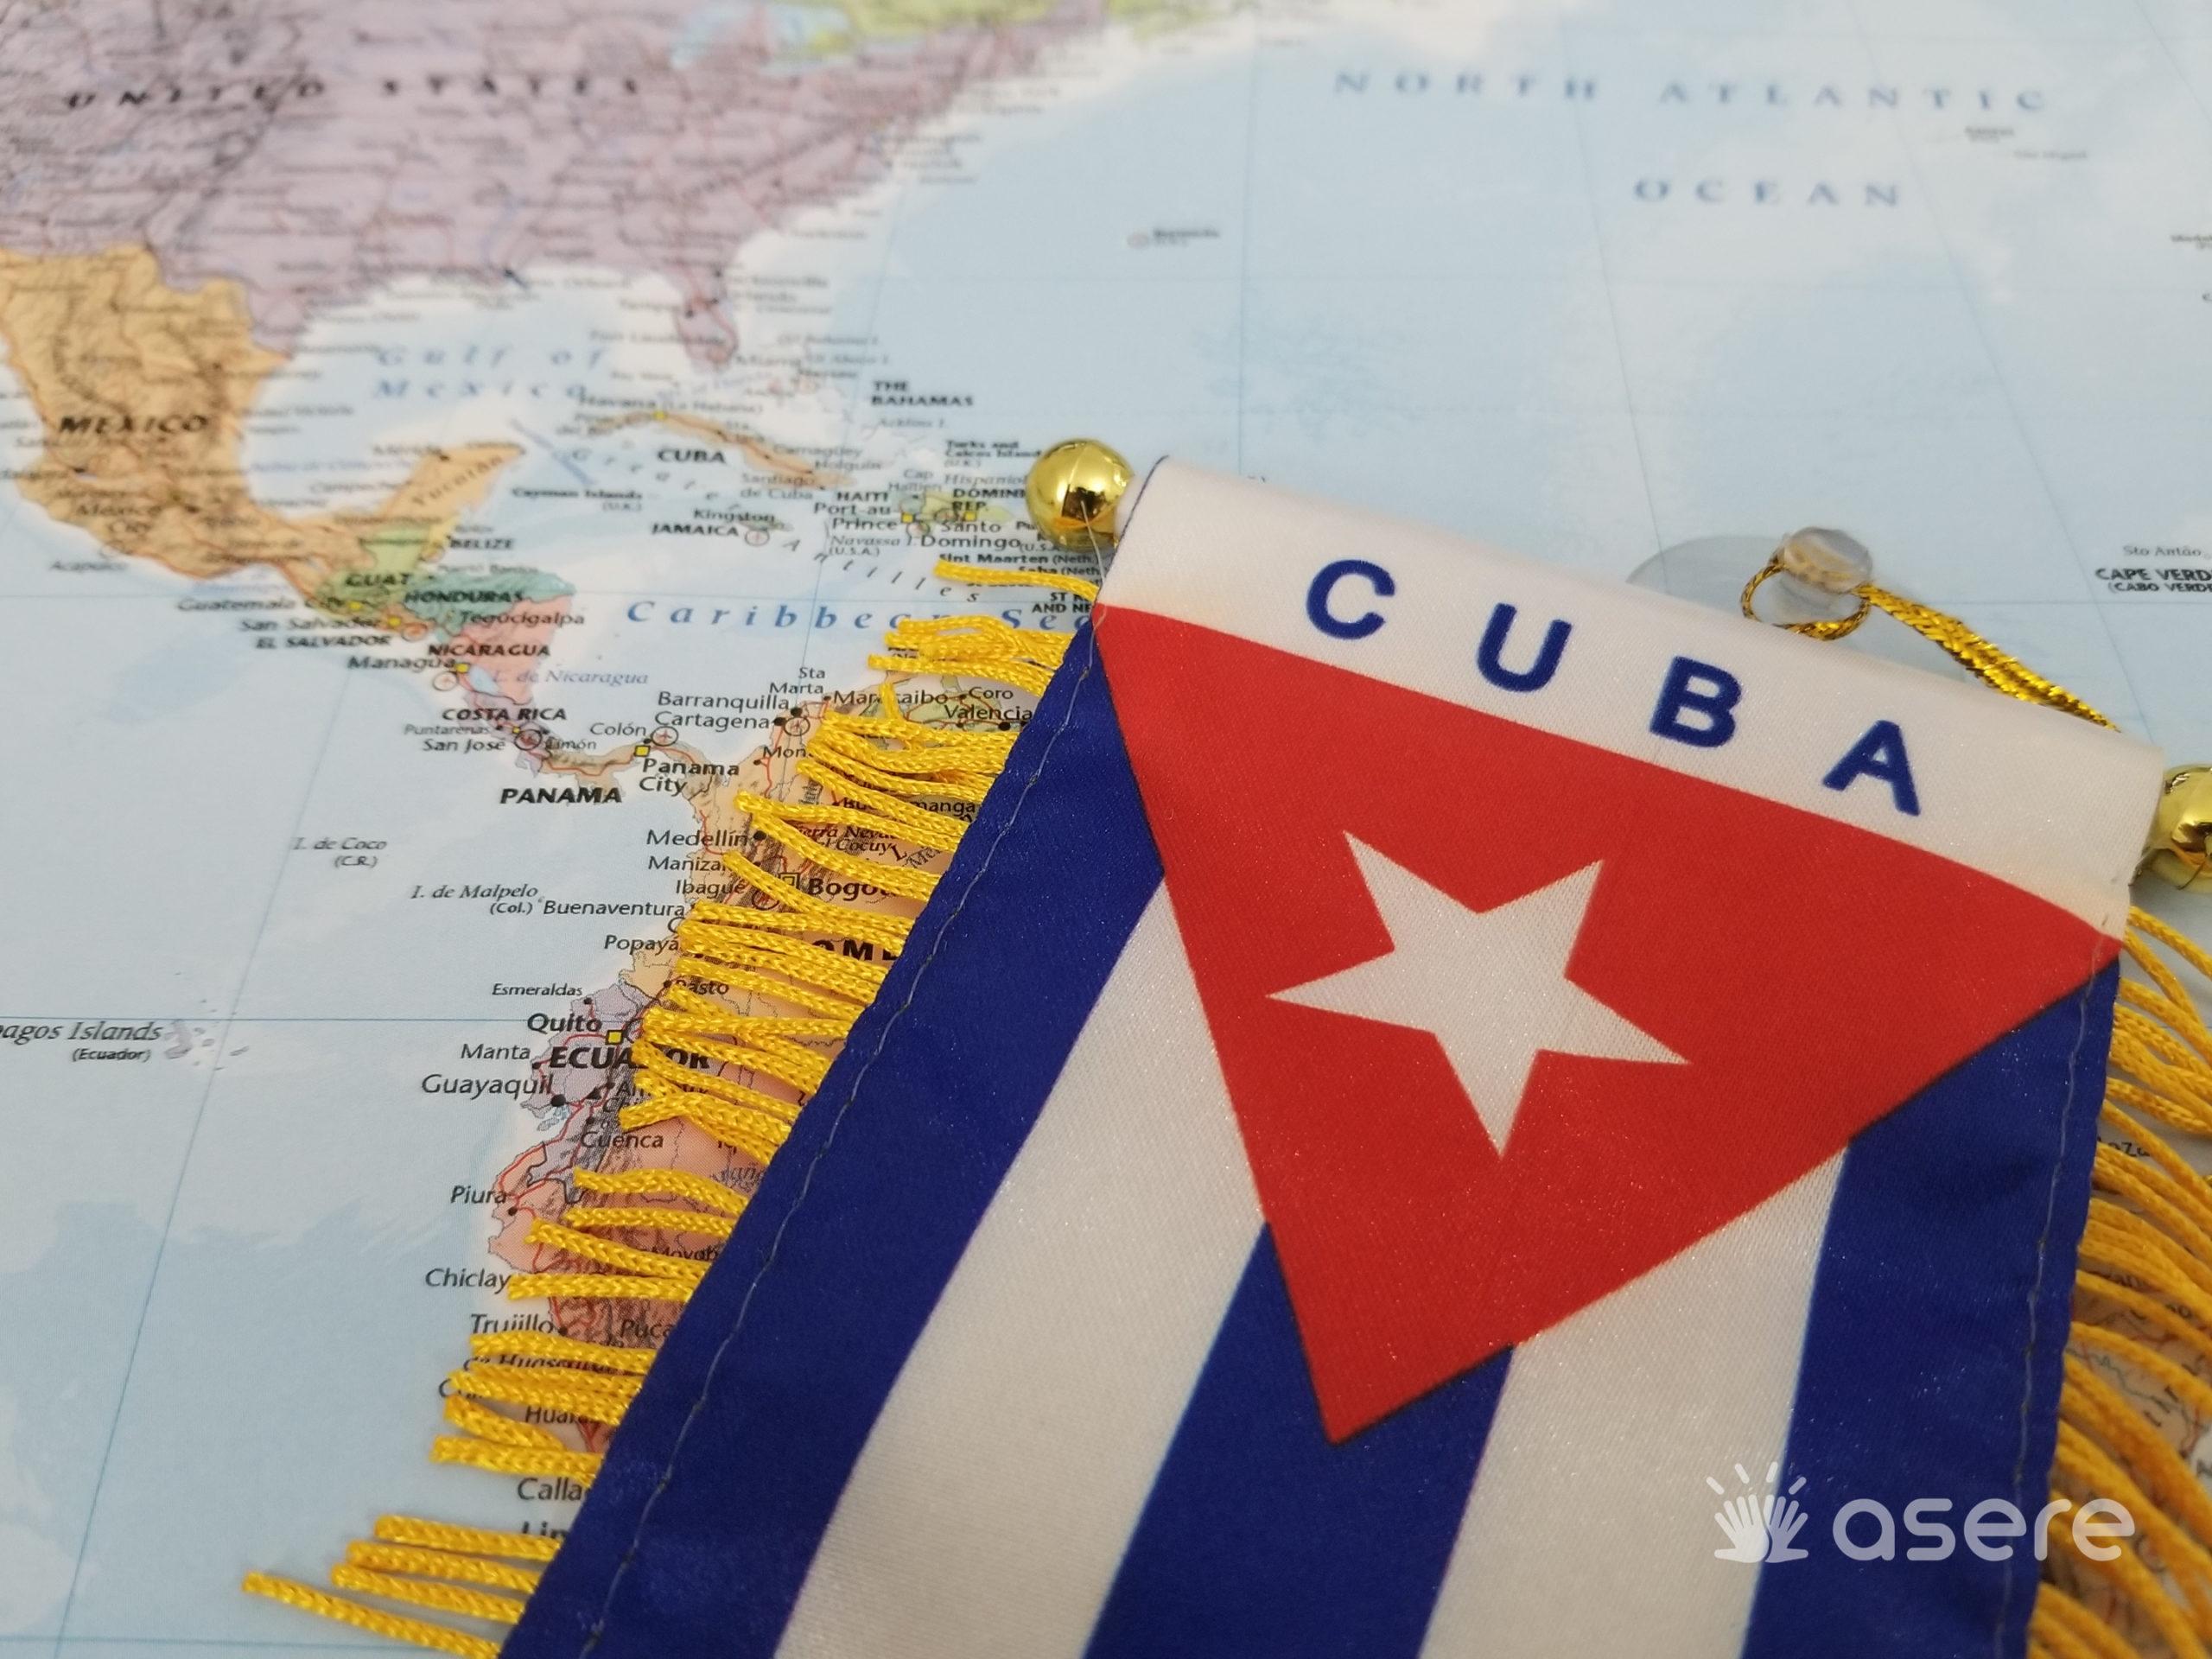 Vuelos a Cuba escala en Cancun